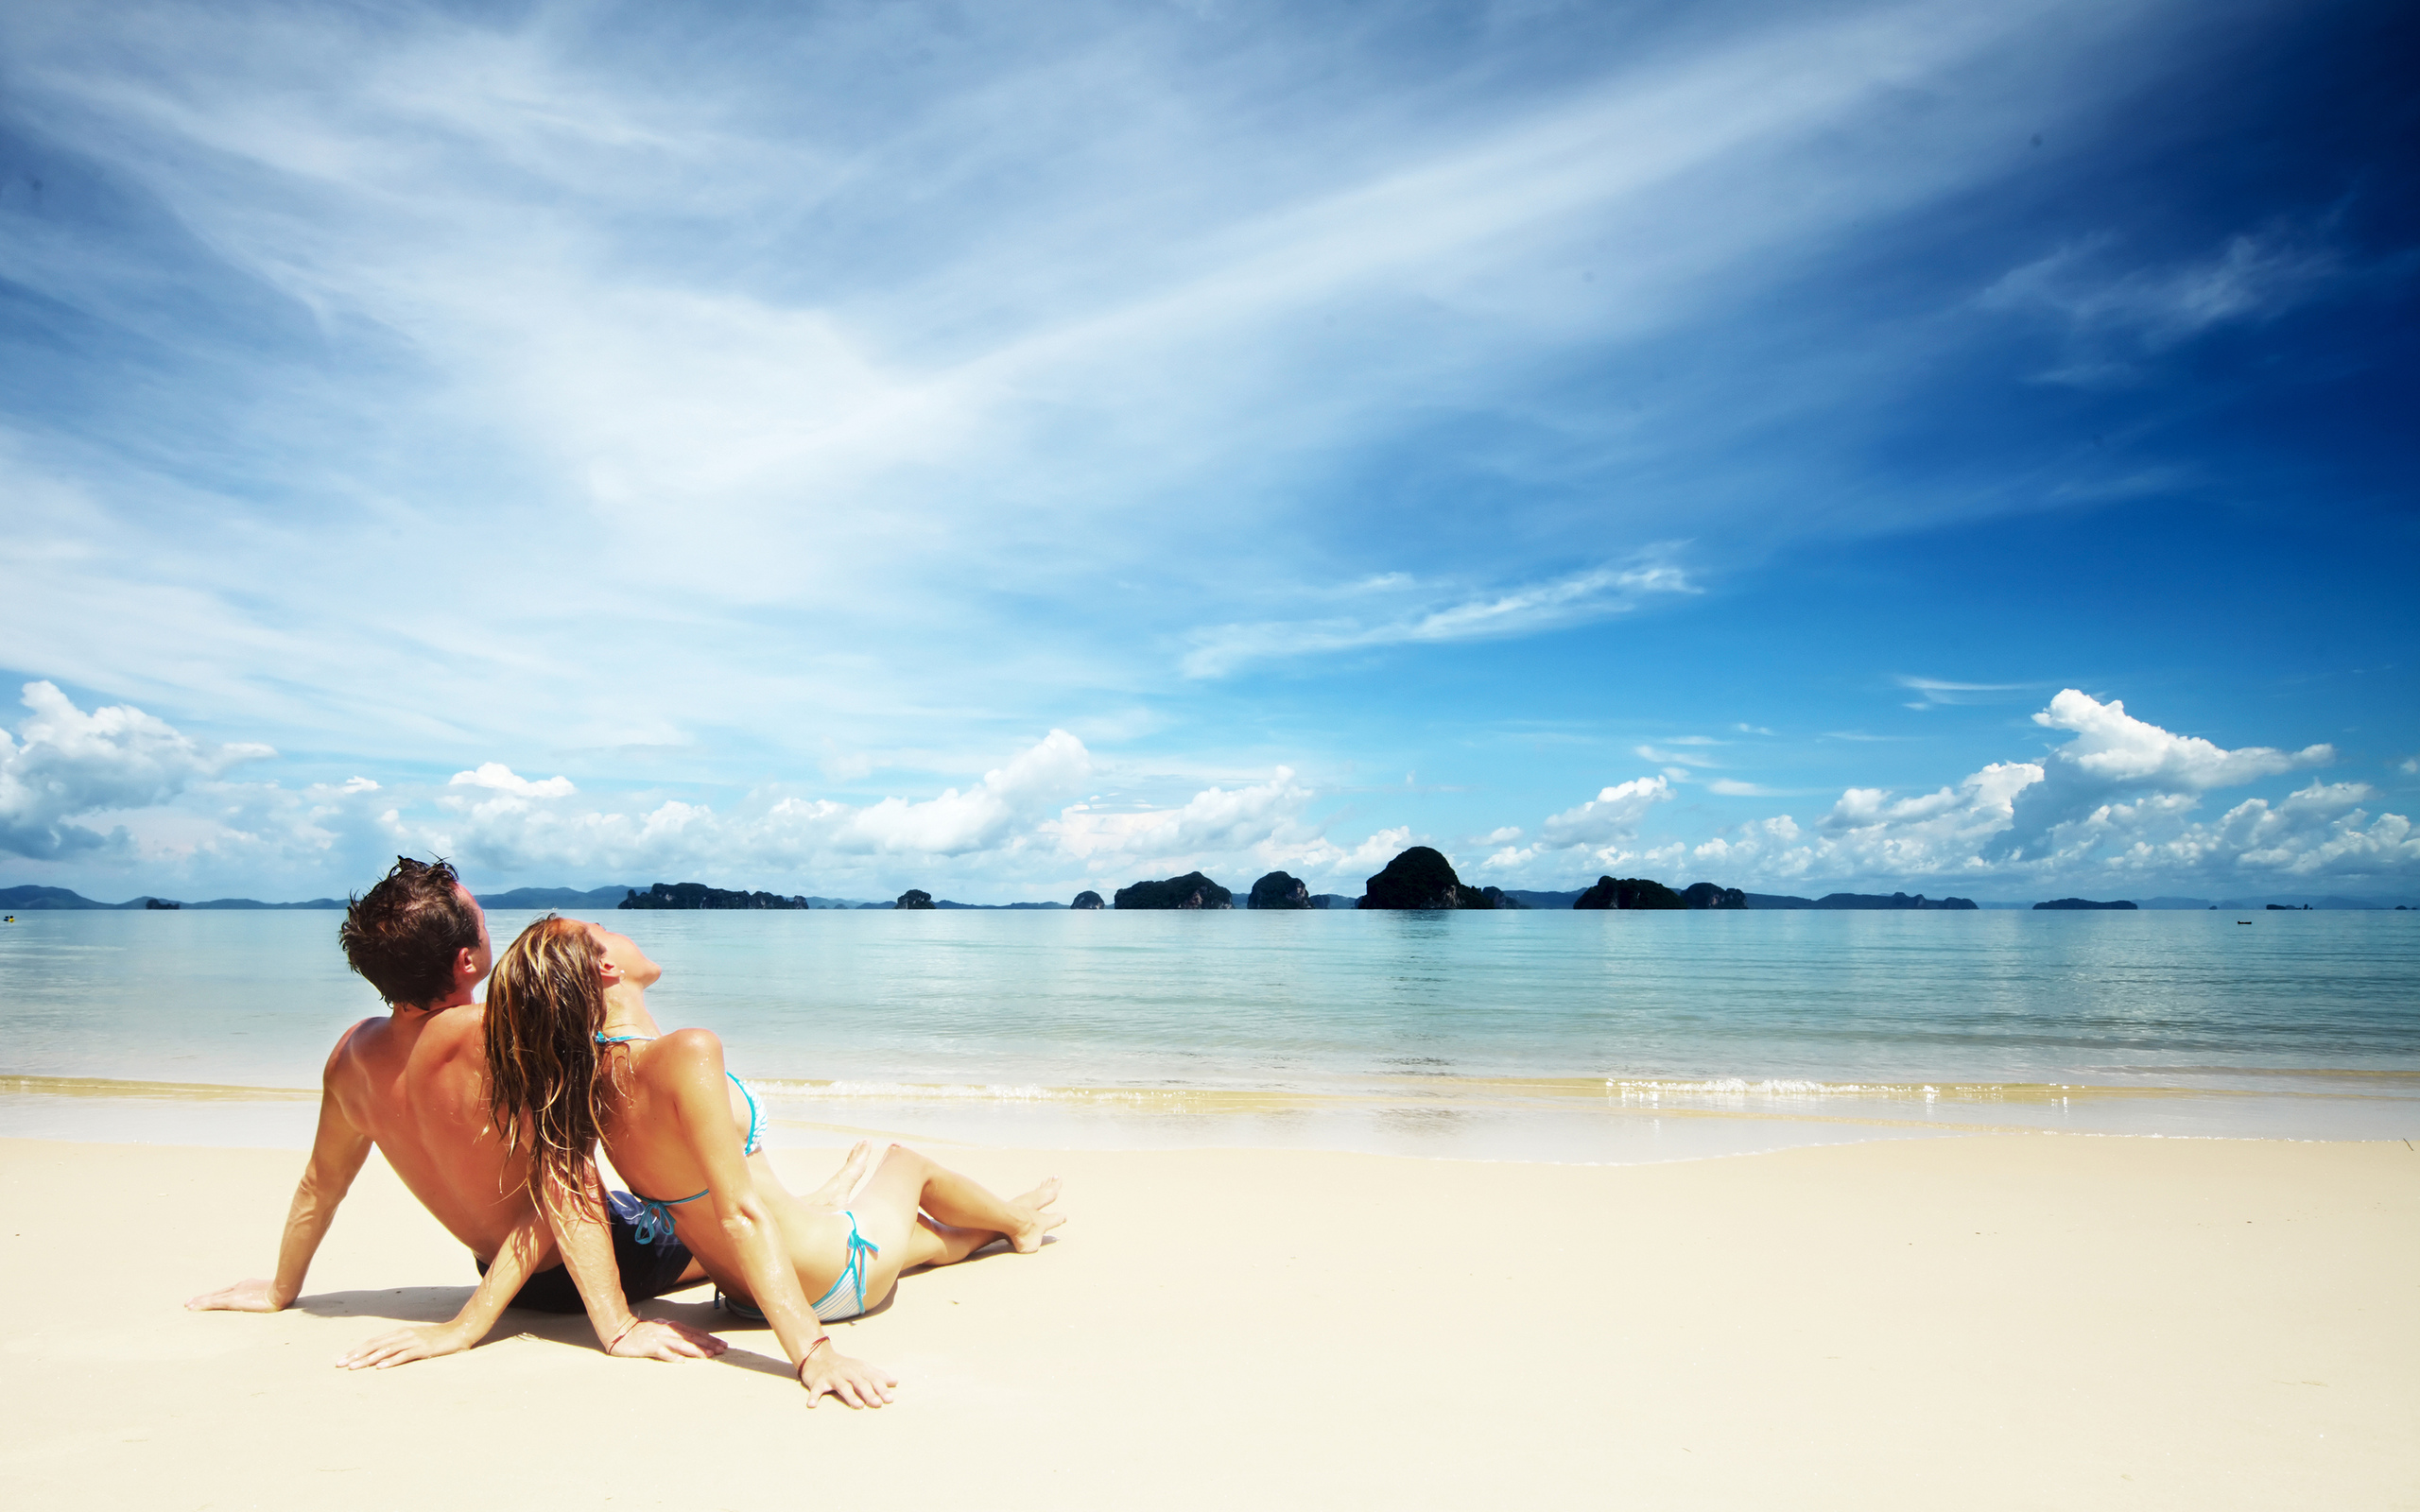 Фото семейных пар на пляжэ 4 фотография